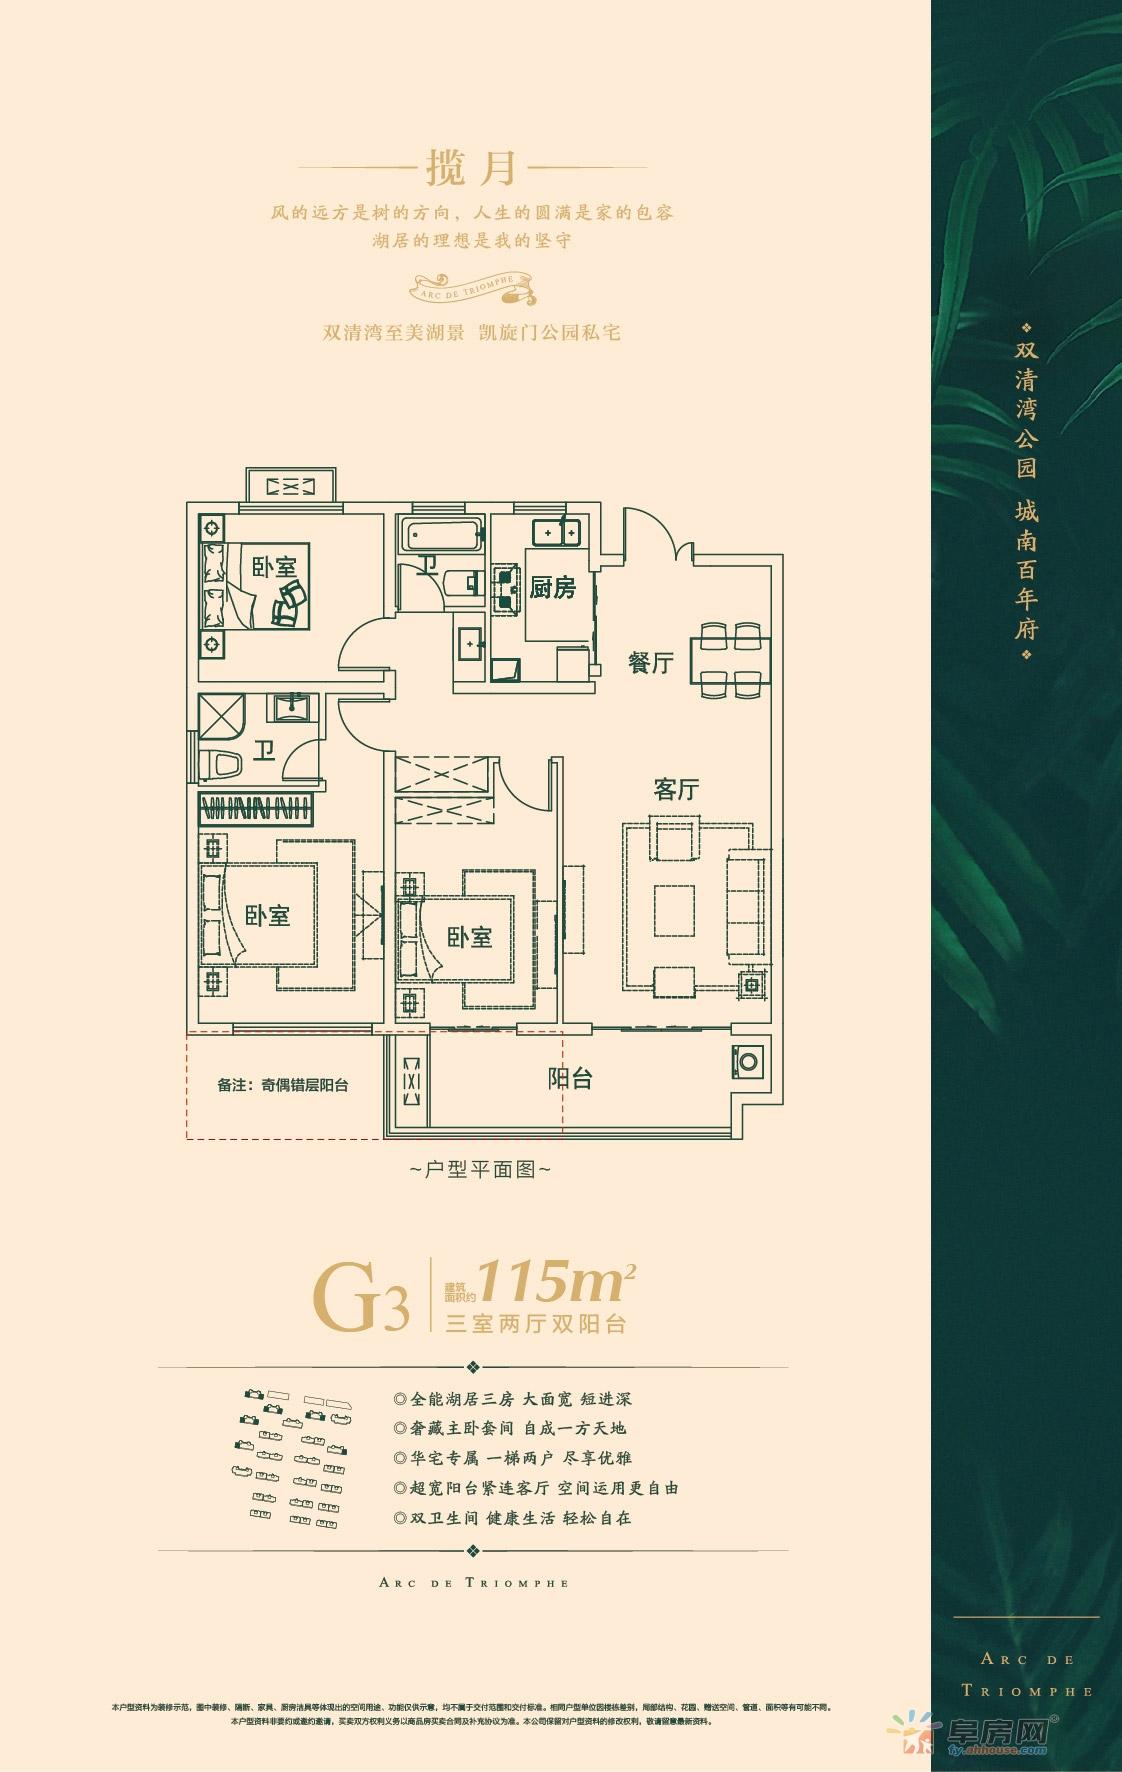 丽丰·凯旋门_3室2厅2卫1厨